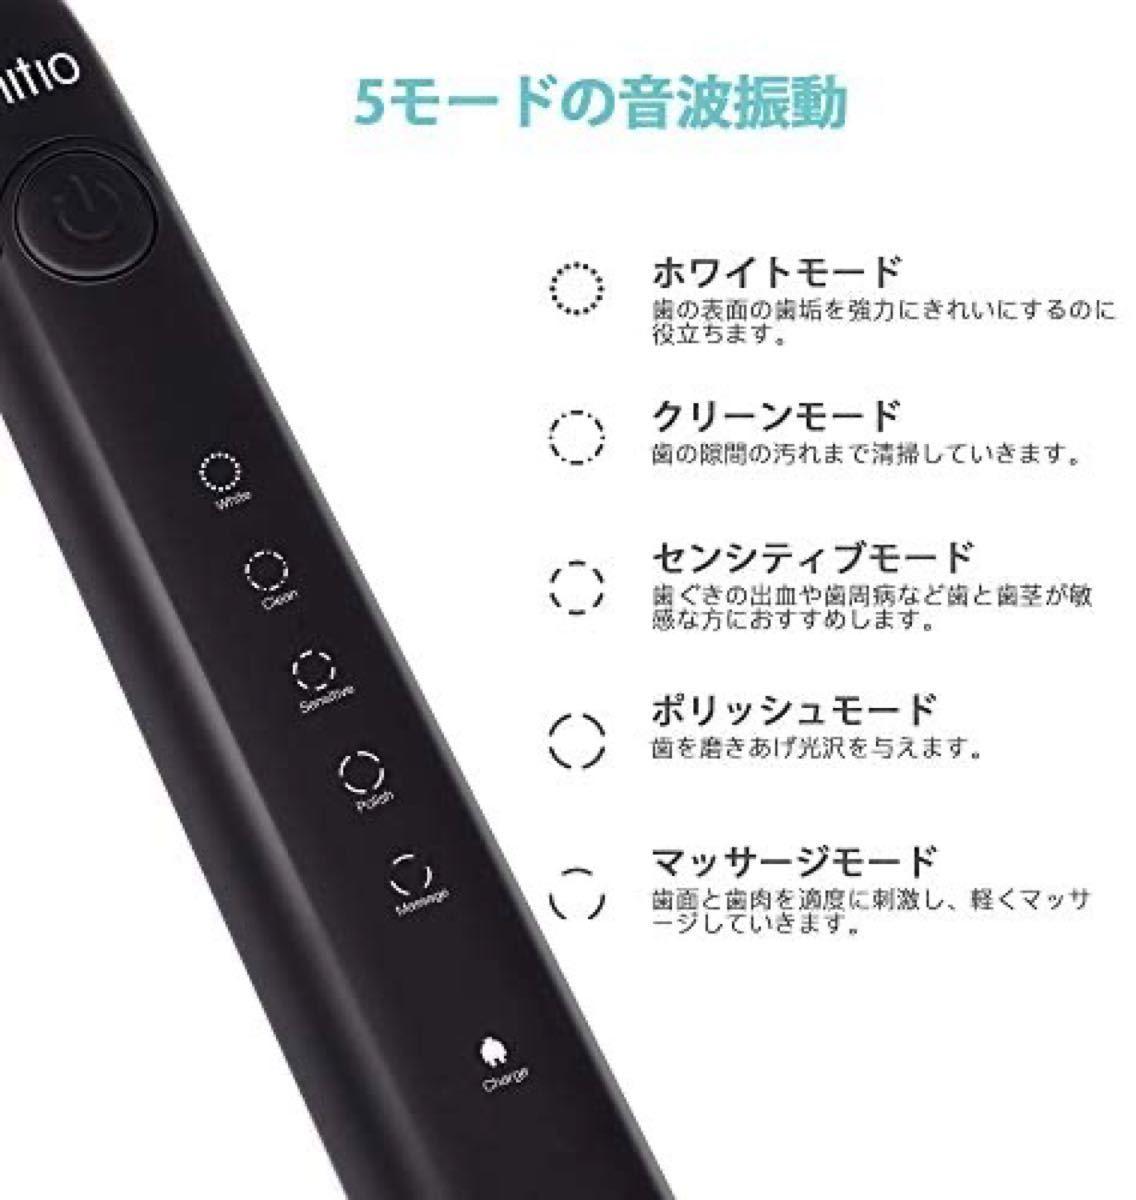 電動歯ブラシ 歯ブラシ ハブラシ 音波歯ブラシ USB充電式